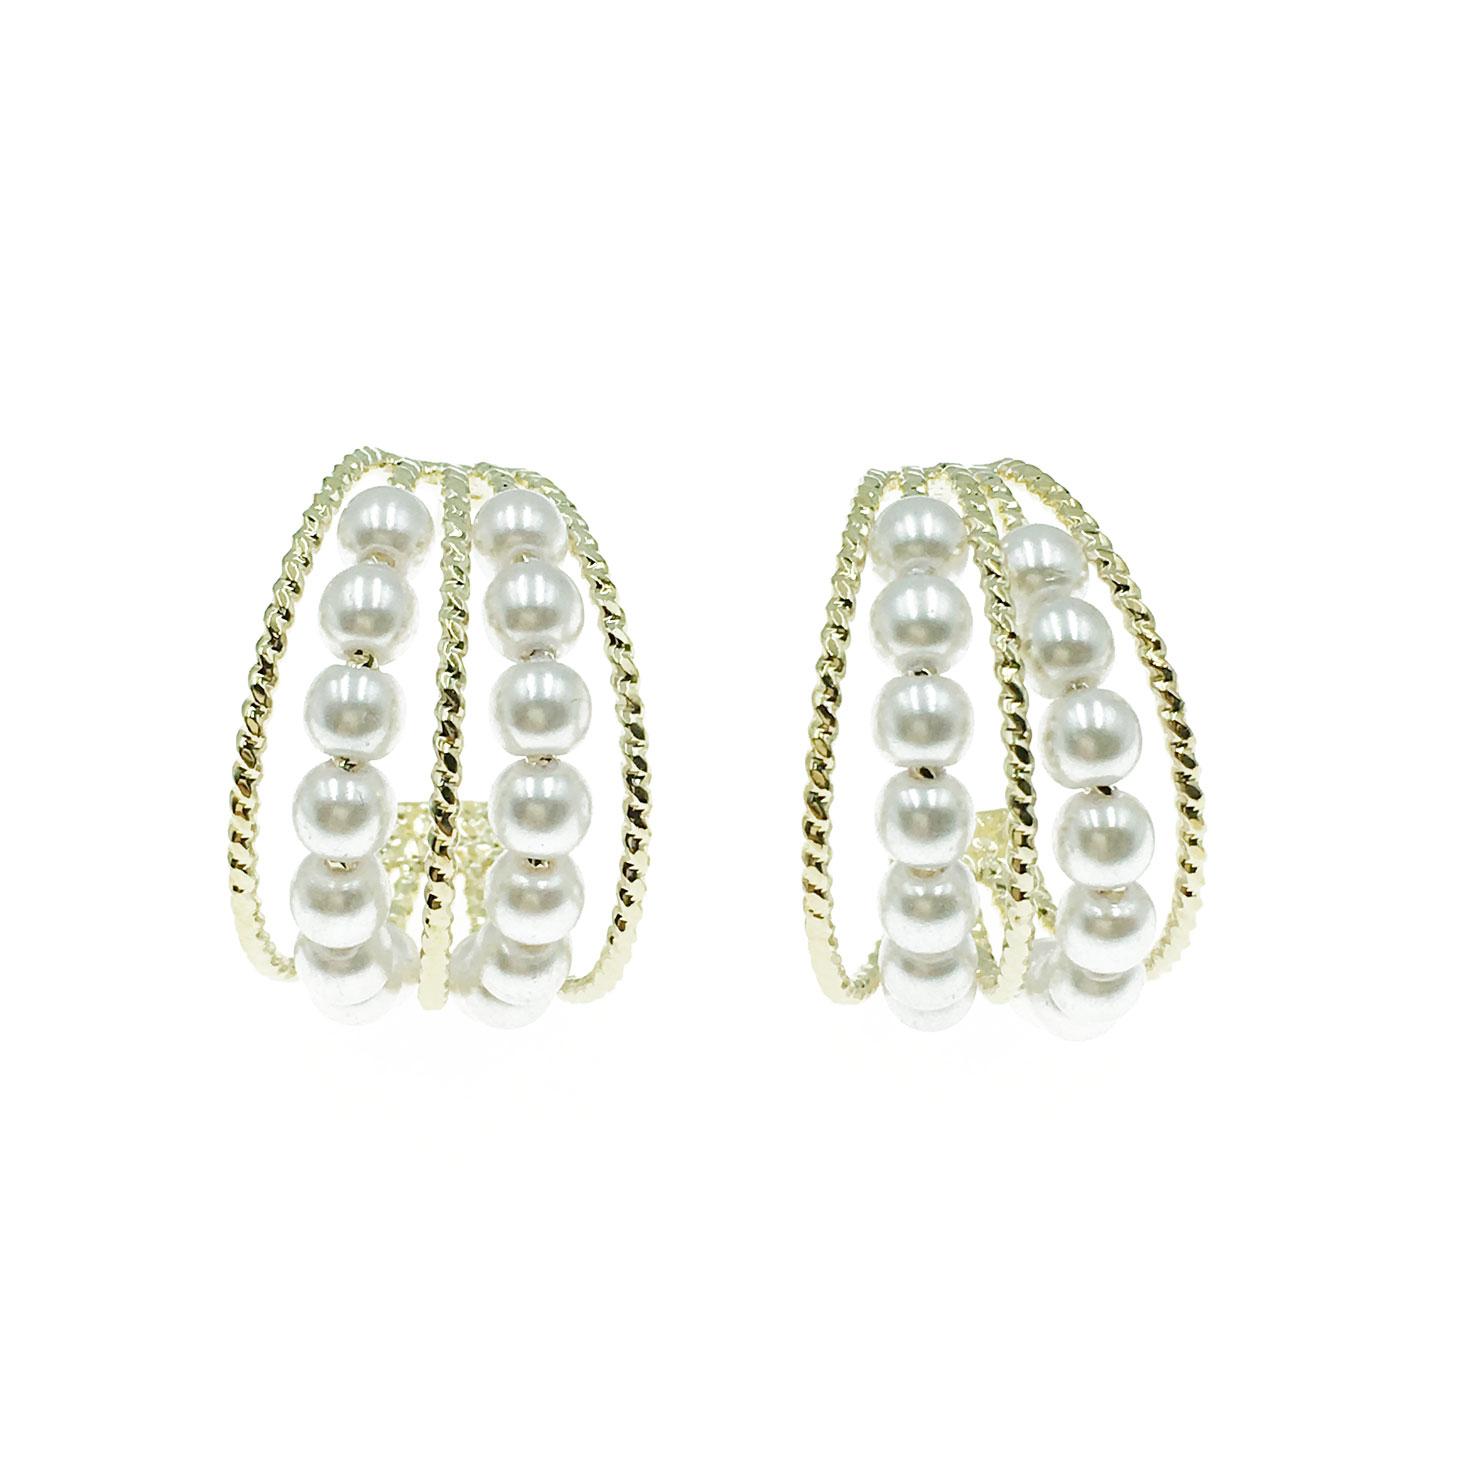 韓國 925純銀 珍珠 半圓 金邊 耳針式 耳環